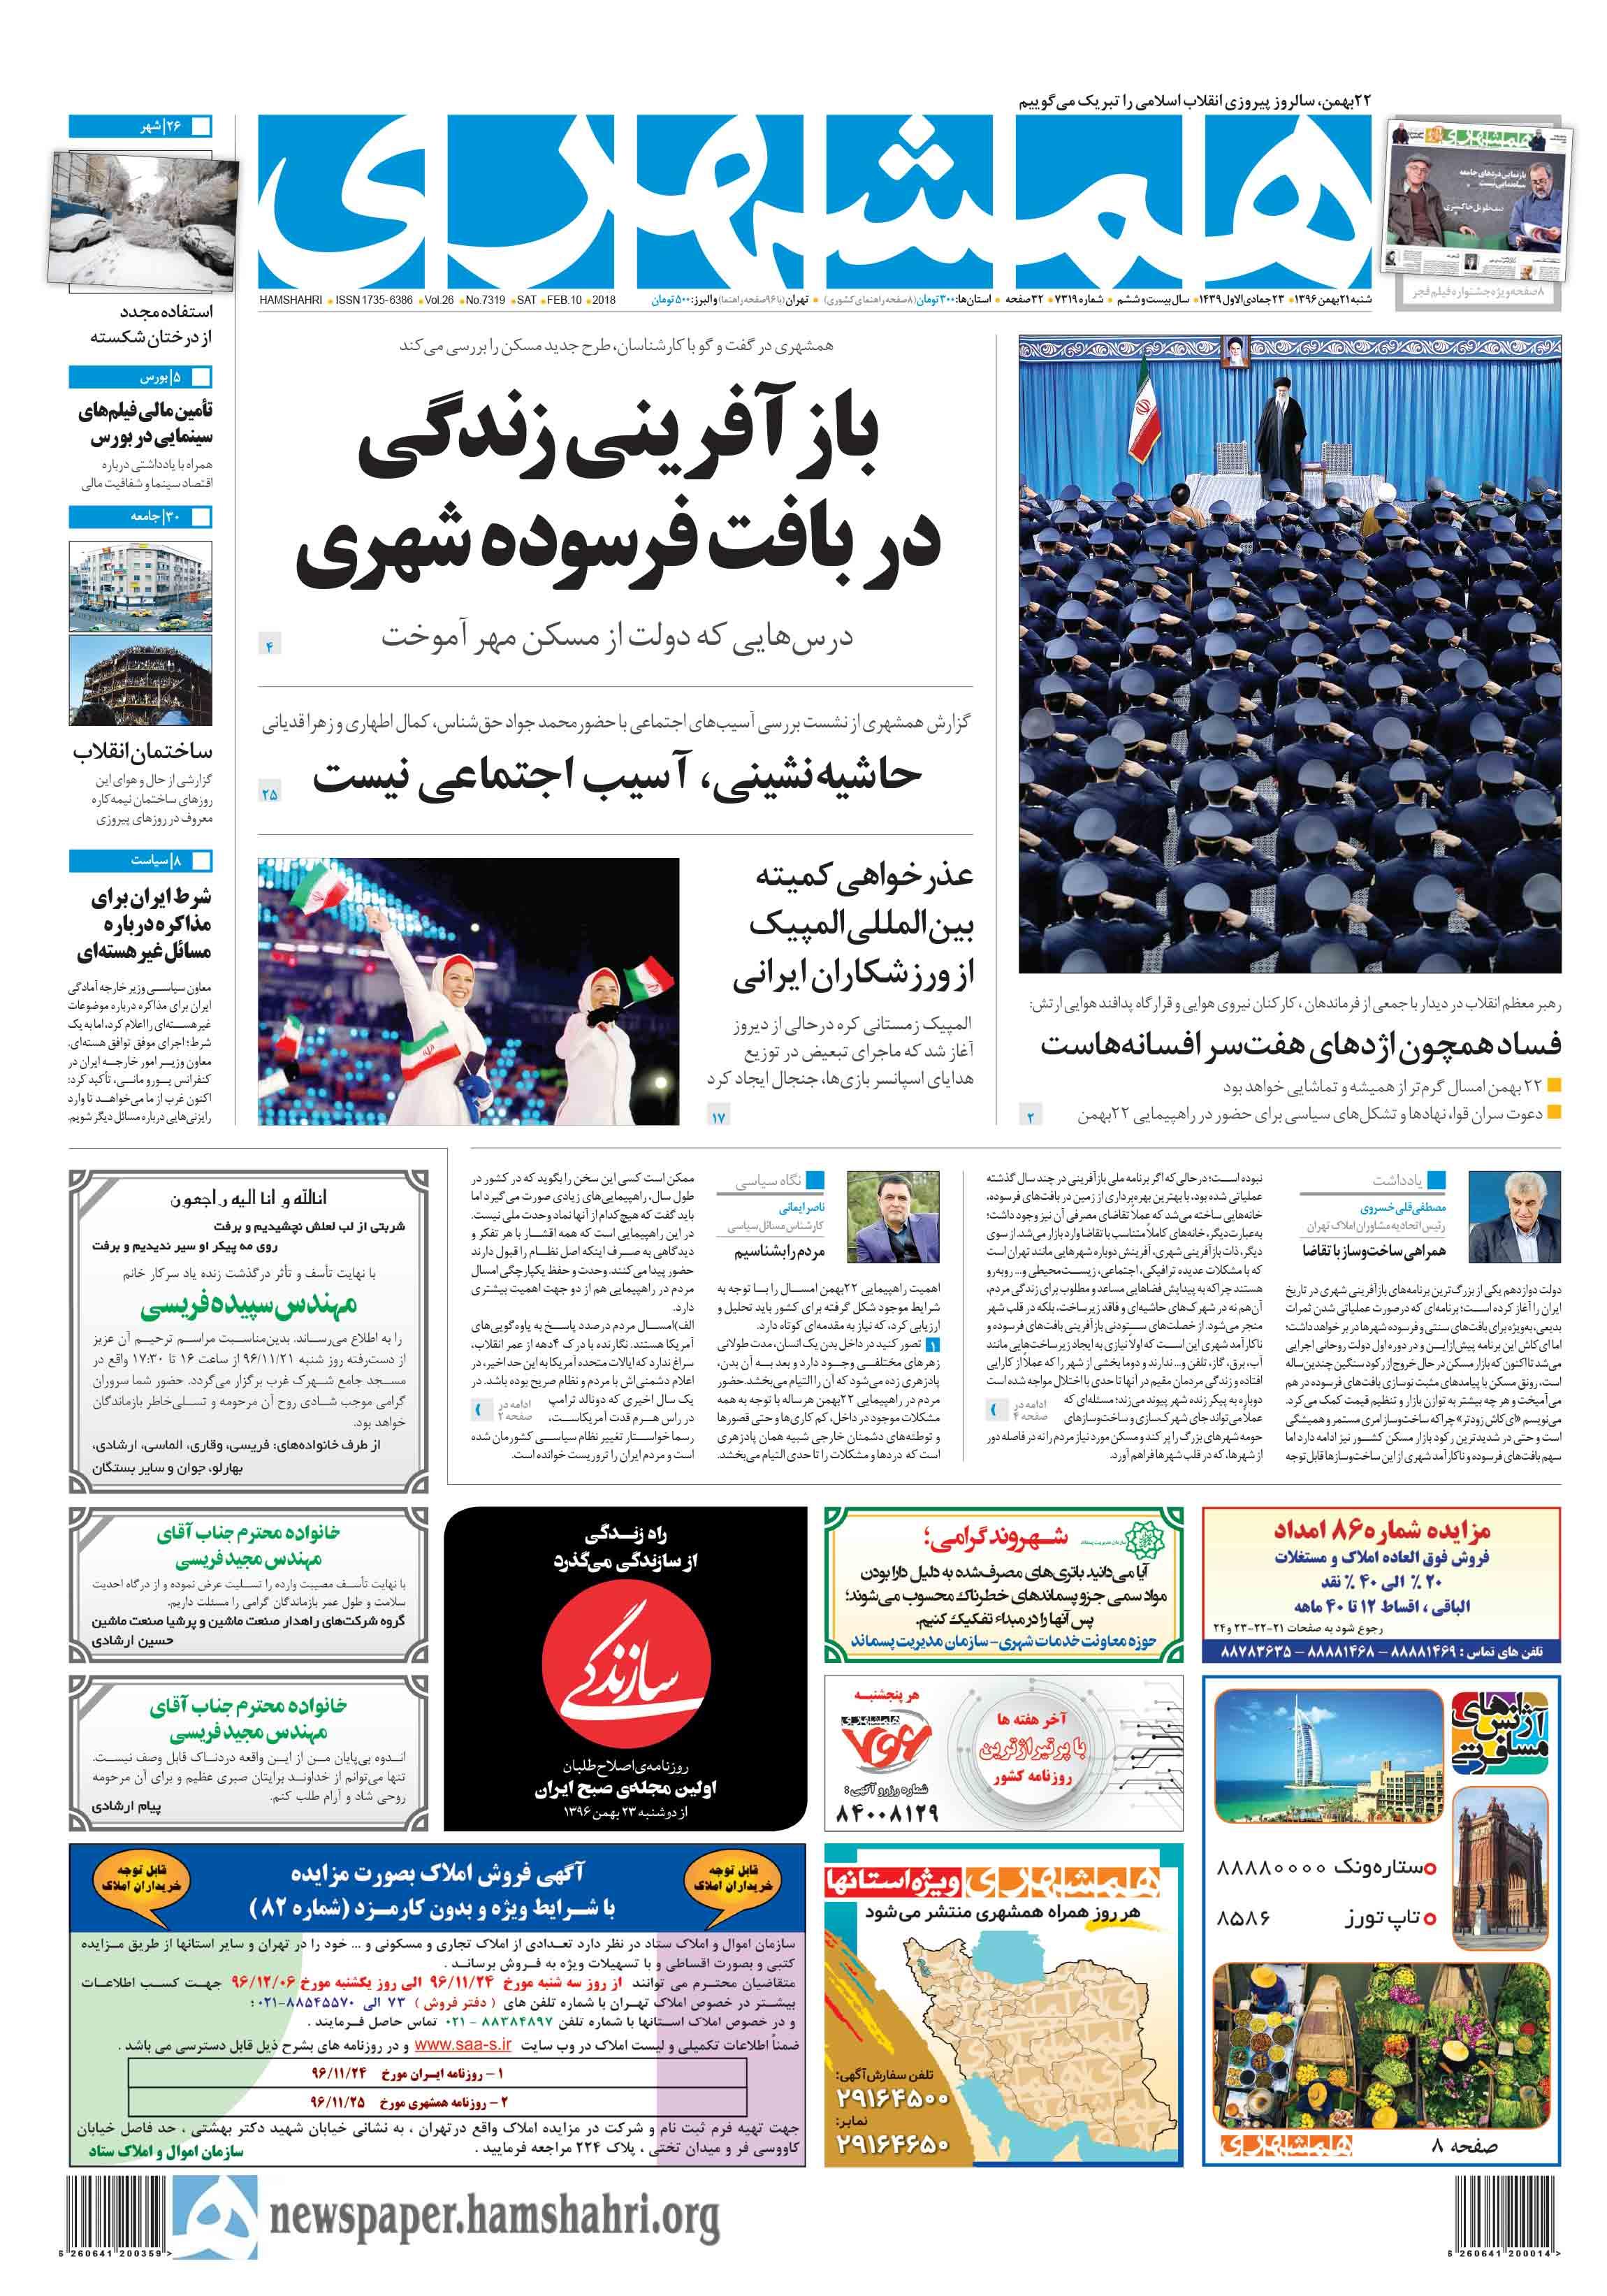 صفحه اول شنبه 21 بهمنماه 1396